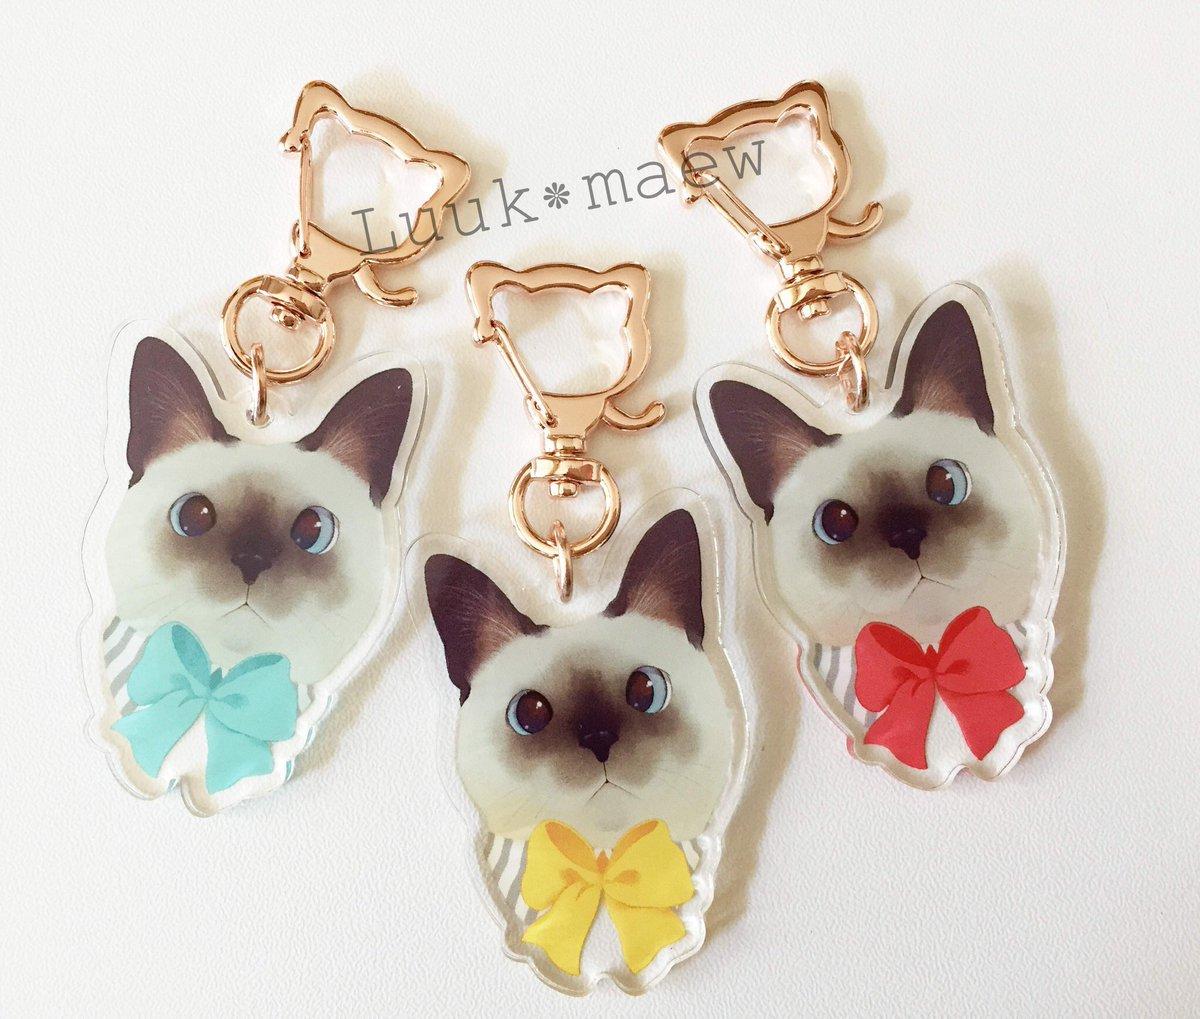 のべ子 On Twitter 屋号luukmaew 作家のべ子 愛猫をモデルに